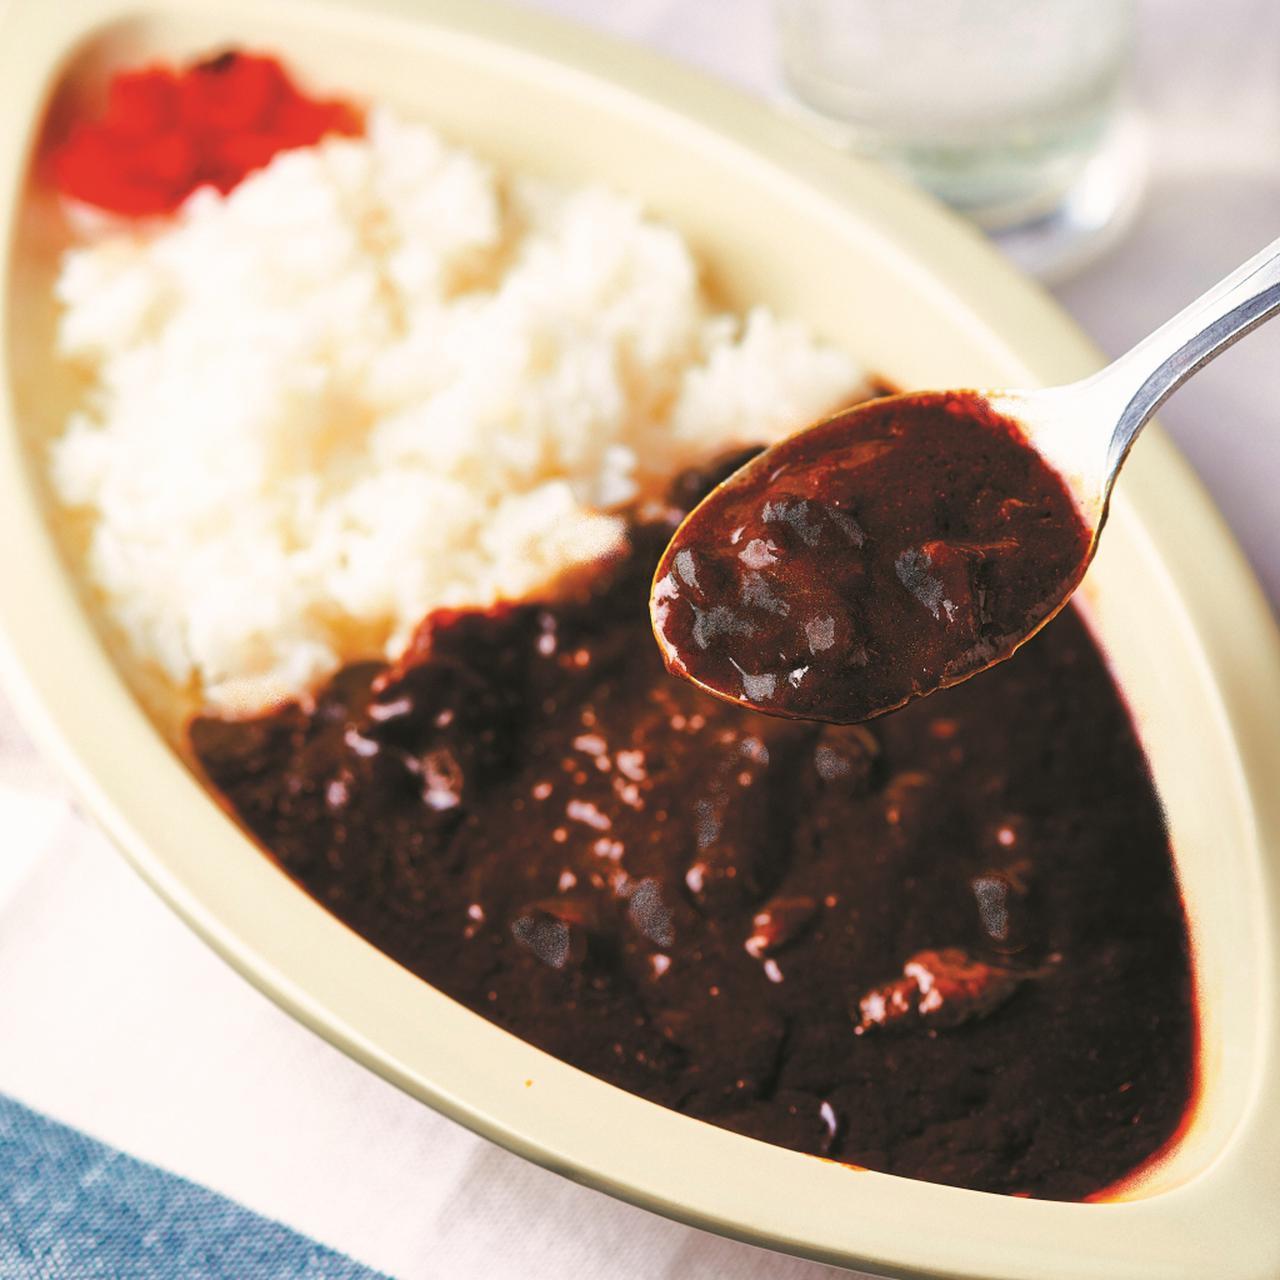 画像: アリス食堂の「飛騨牛黒カレー」 ※写真は盛り付け例です。ご飯・福神漬けは含まれません